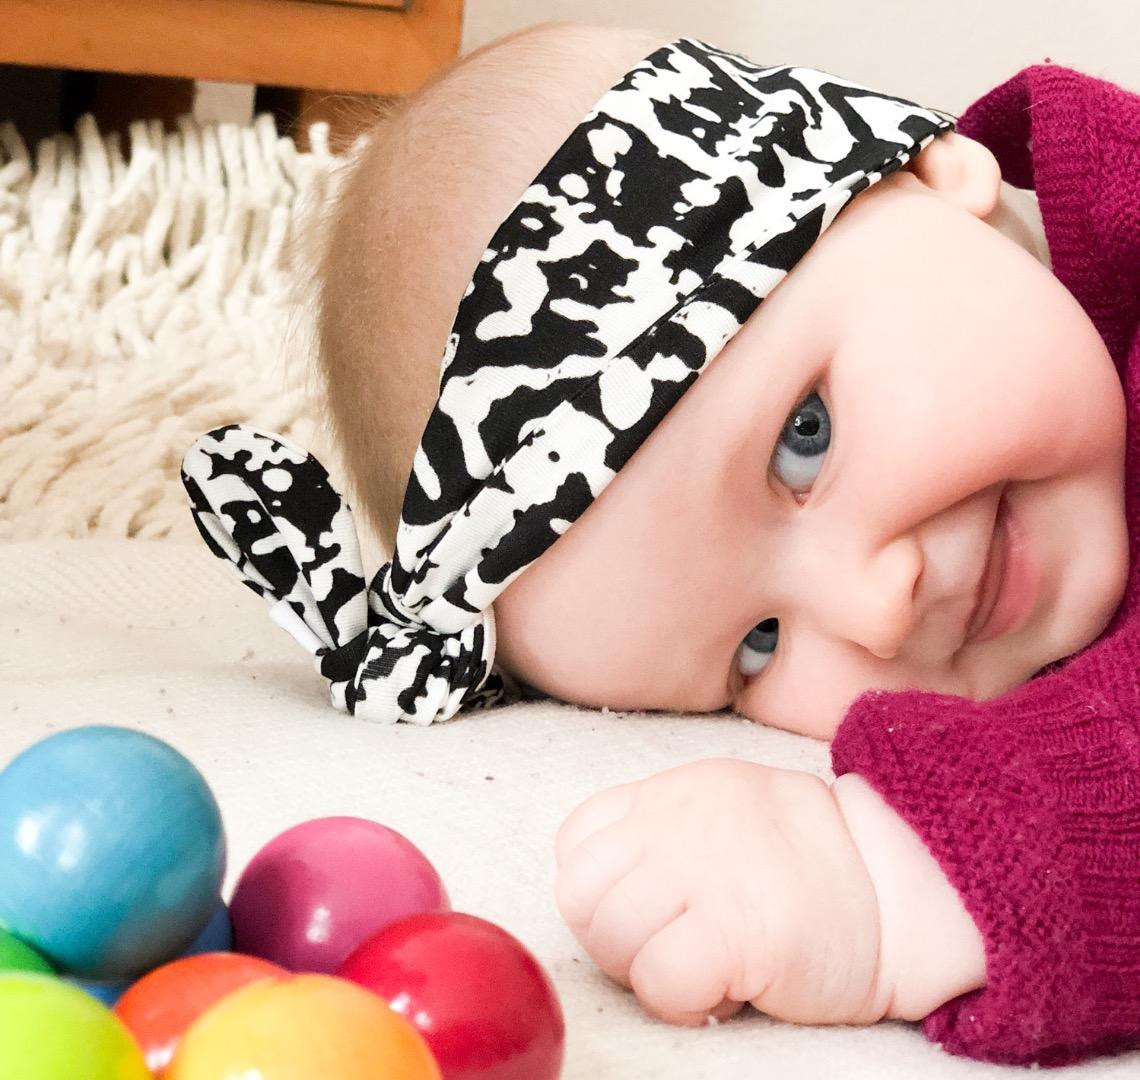 Haarband Baby schwarz weiß - 6